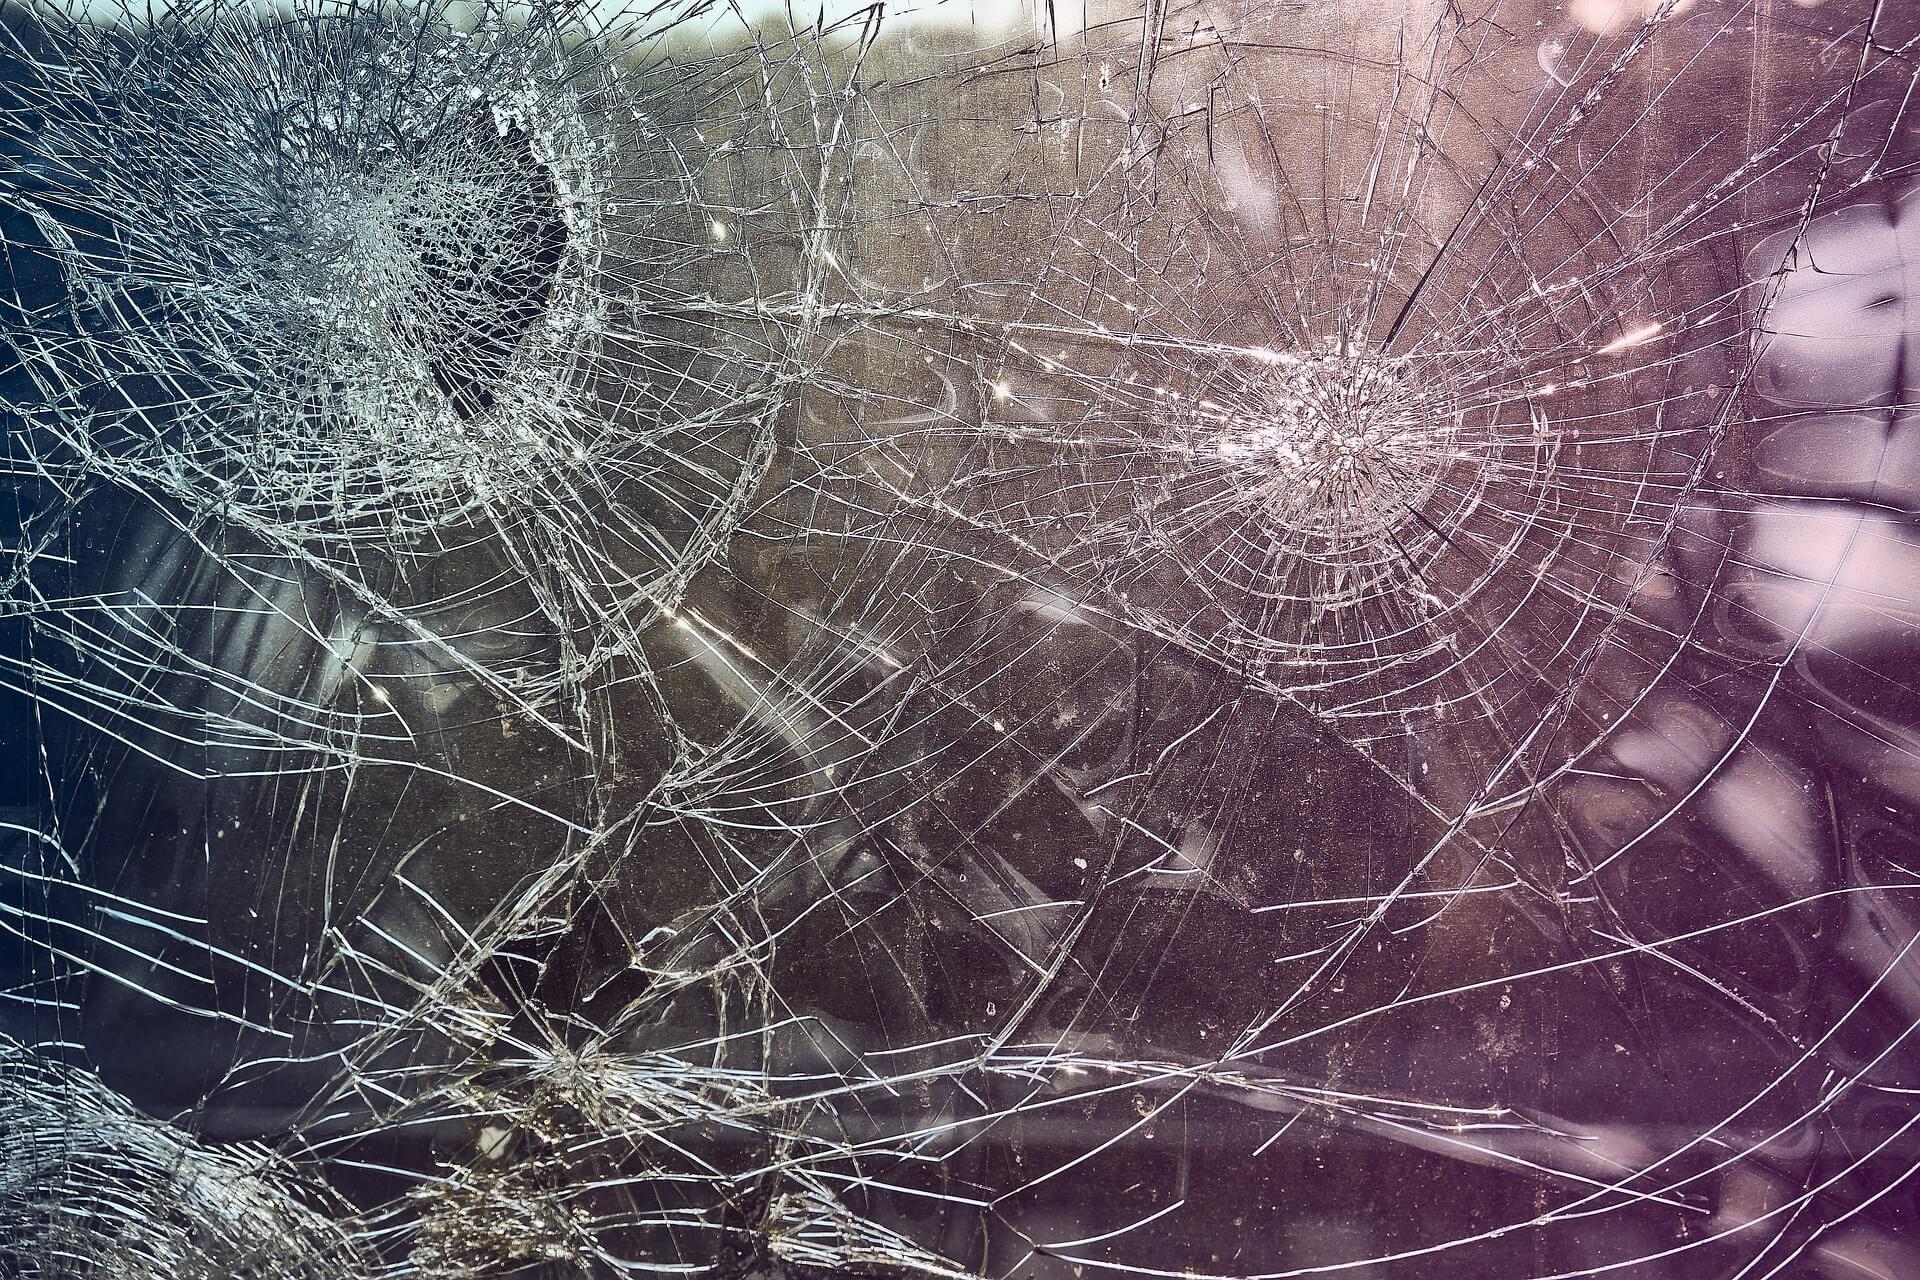 Γαλάτσι: Συνελήφθησαν δύο ημεδαποί για διαρρήξεις-κλοπές από καταστήματα